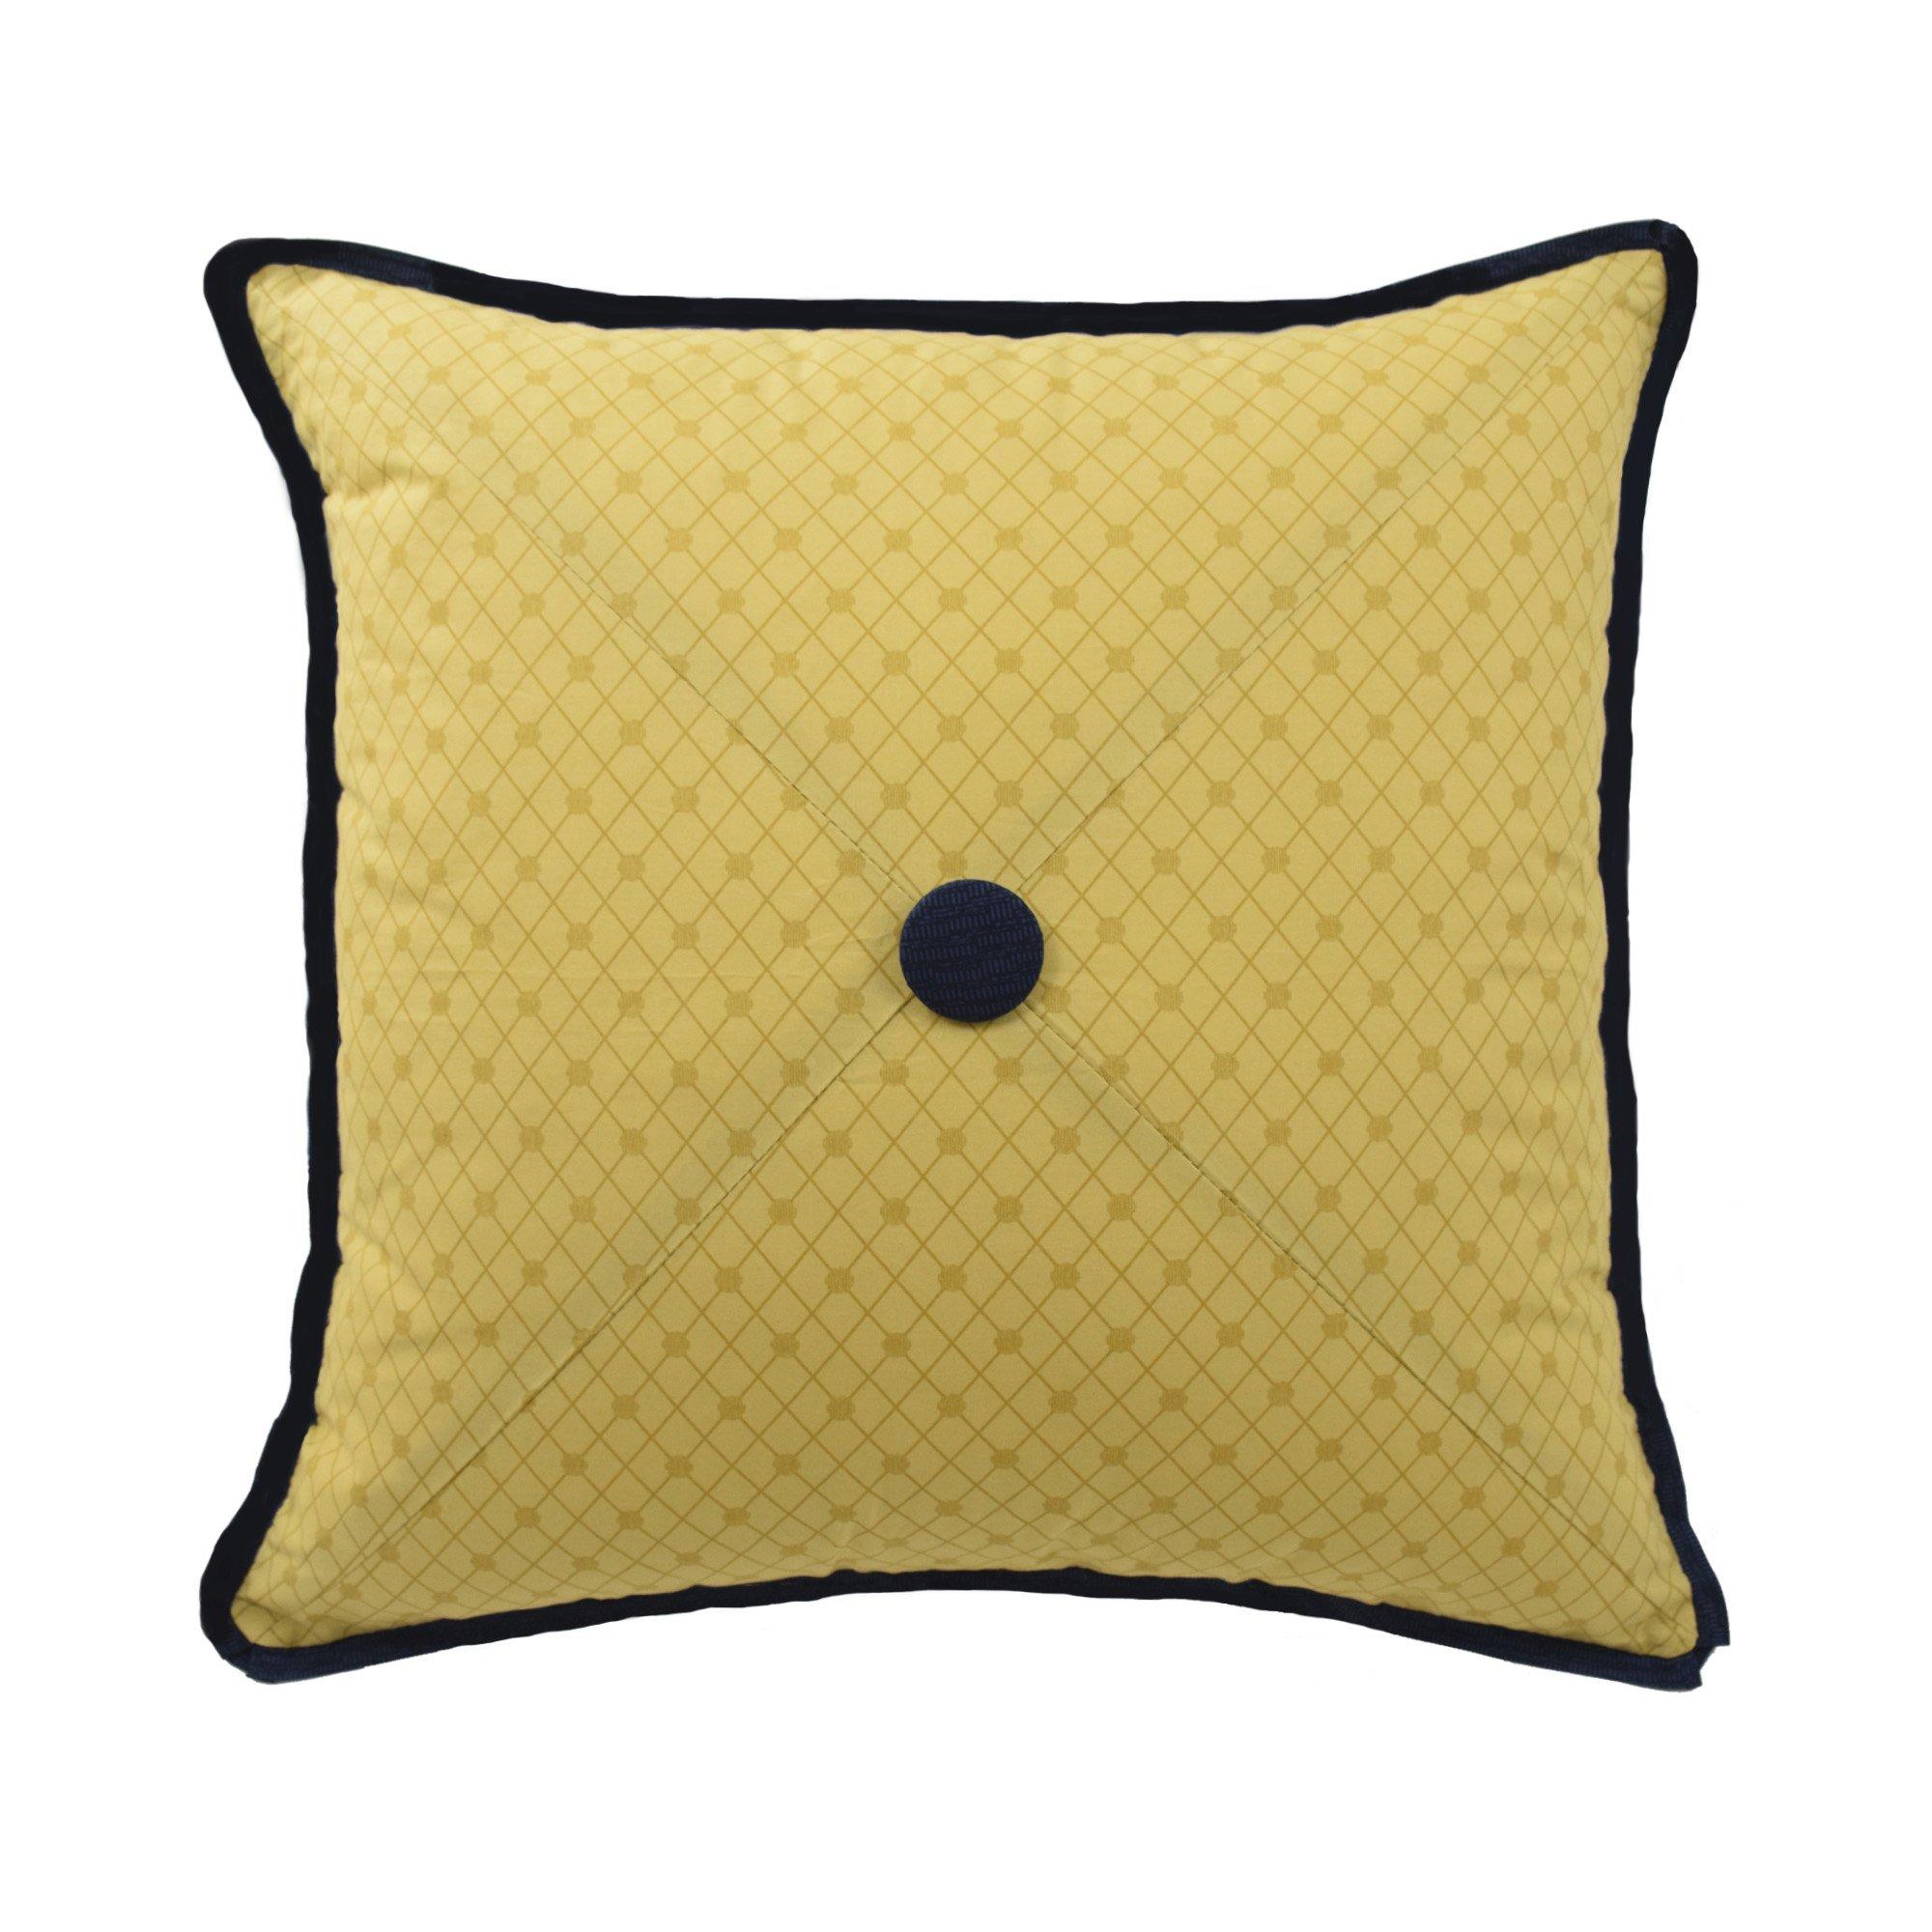 WAVERLY 14564018X018JWL Rhapsody 18-Inch by 18-Inch Square Decorative Pillow, Jewel